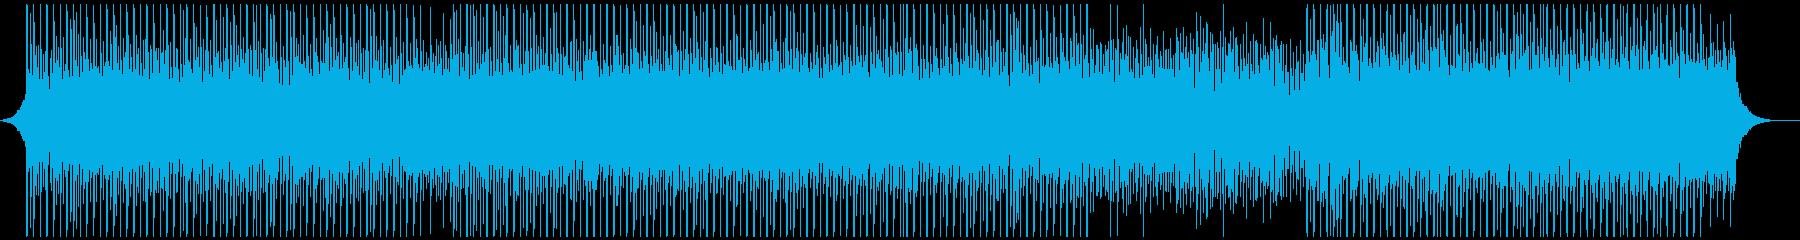 サクセスフルベンチャーの再生済みの波形